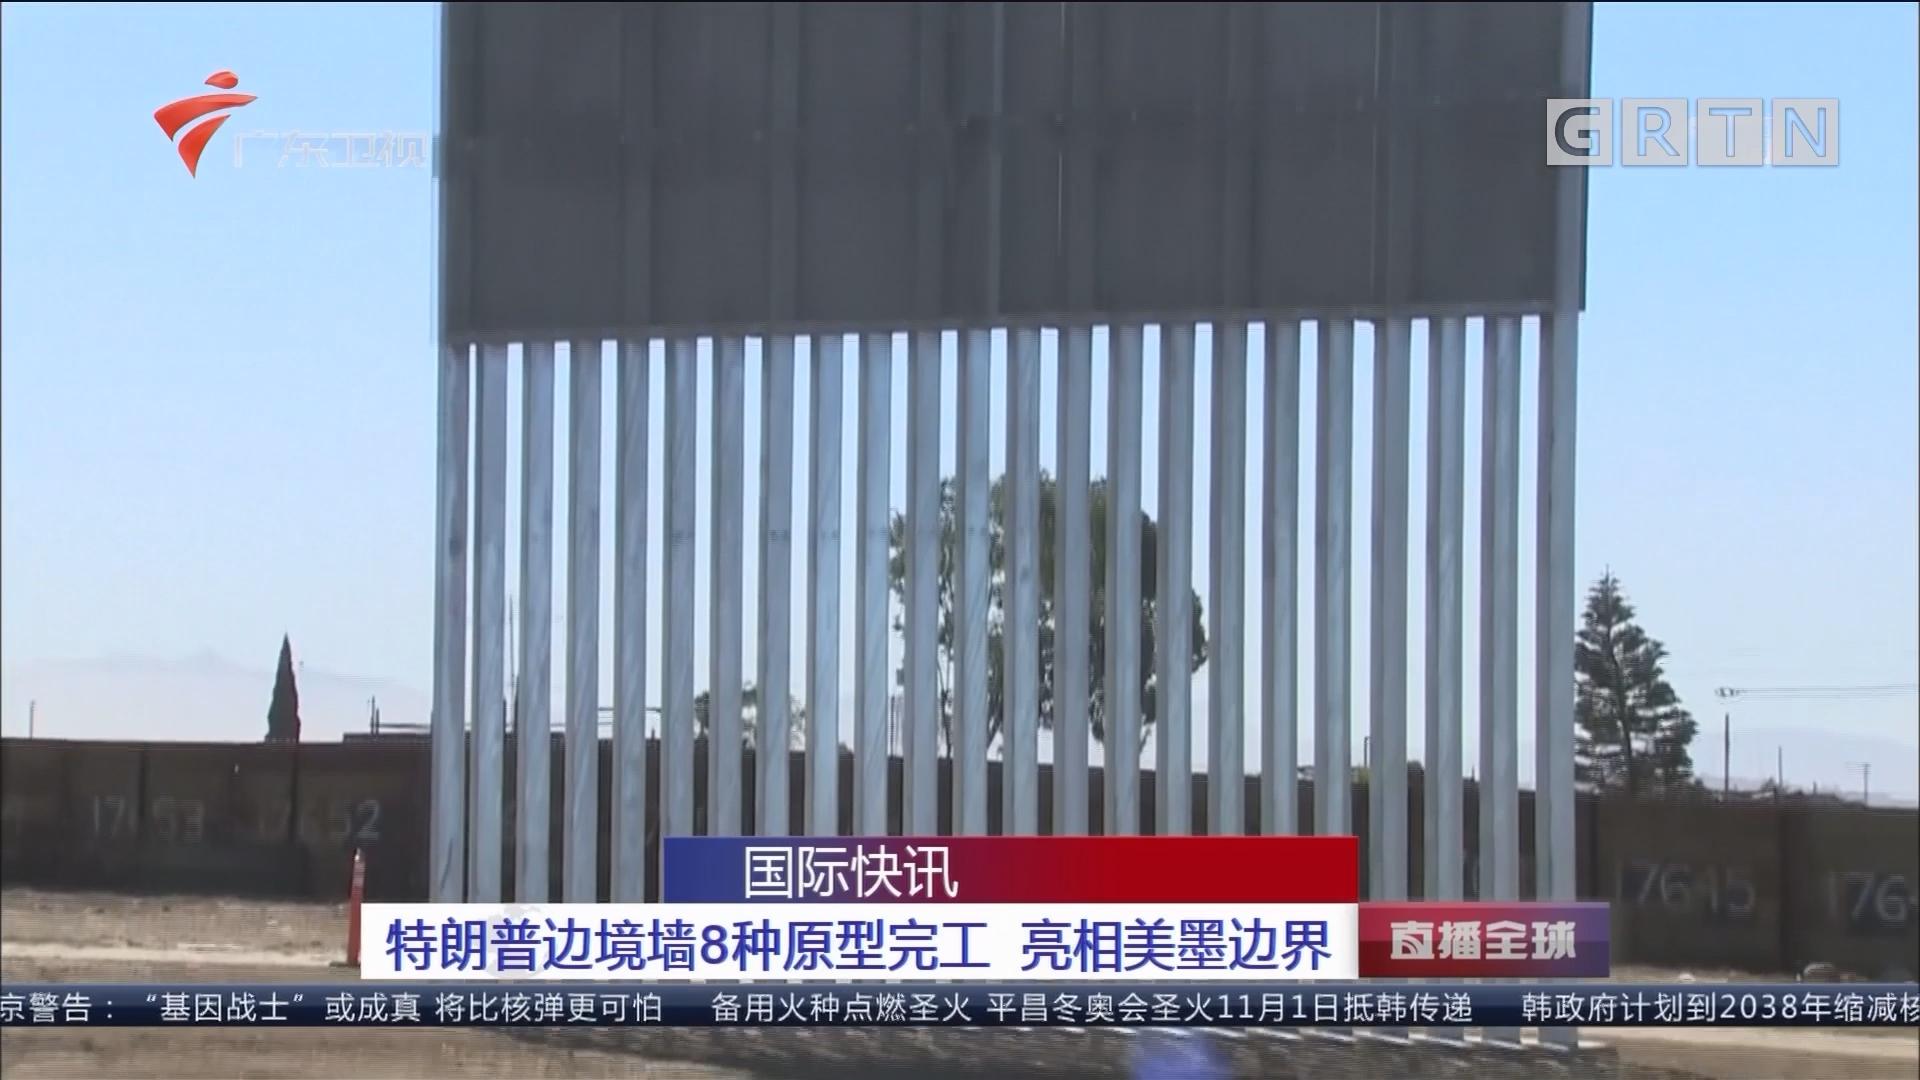 国际快讯:特朗普边境墙8种原型完工 亮相美墨边界